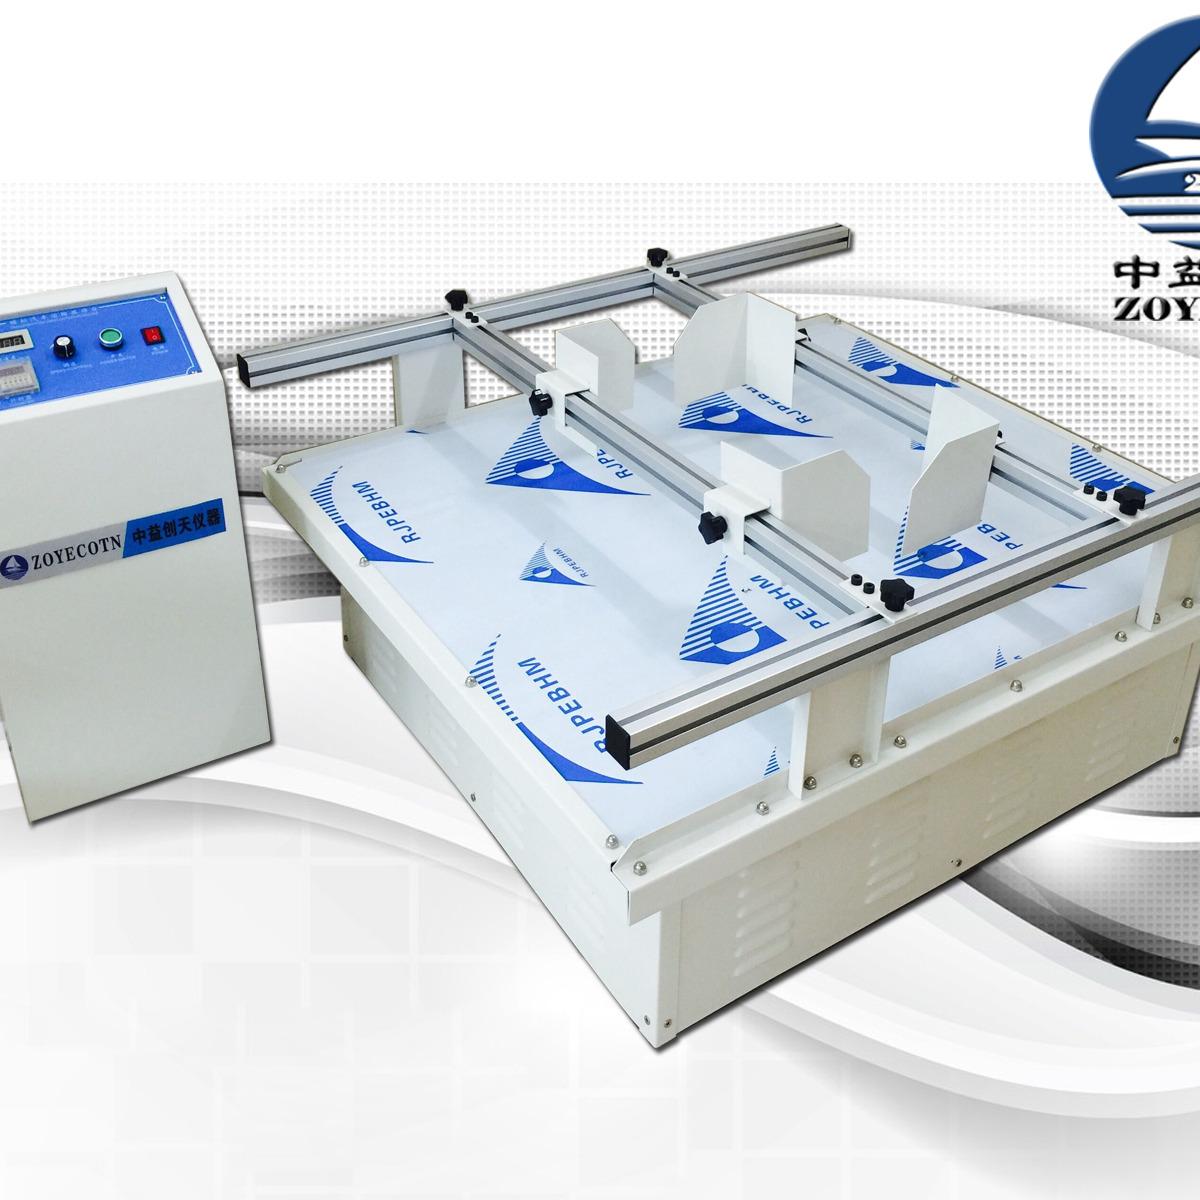 机械式包装纸箱 模拟汽车运输振动测试仪 深圳模拟运输振动台中益创天